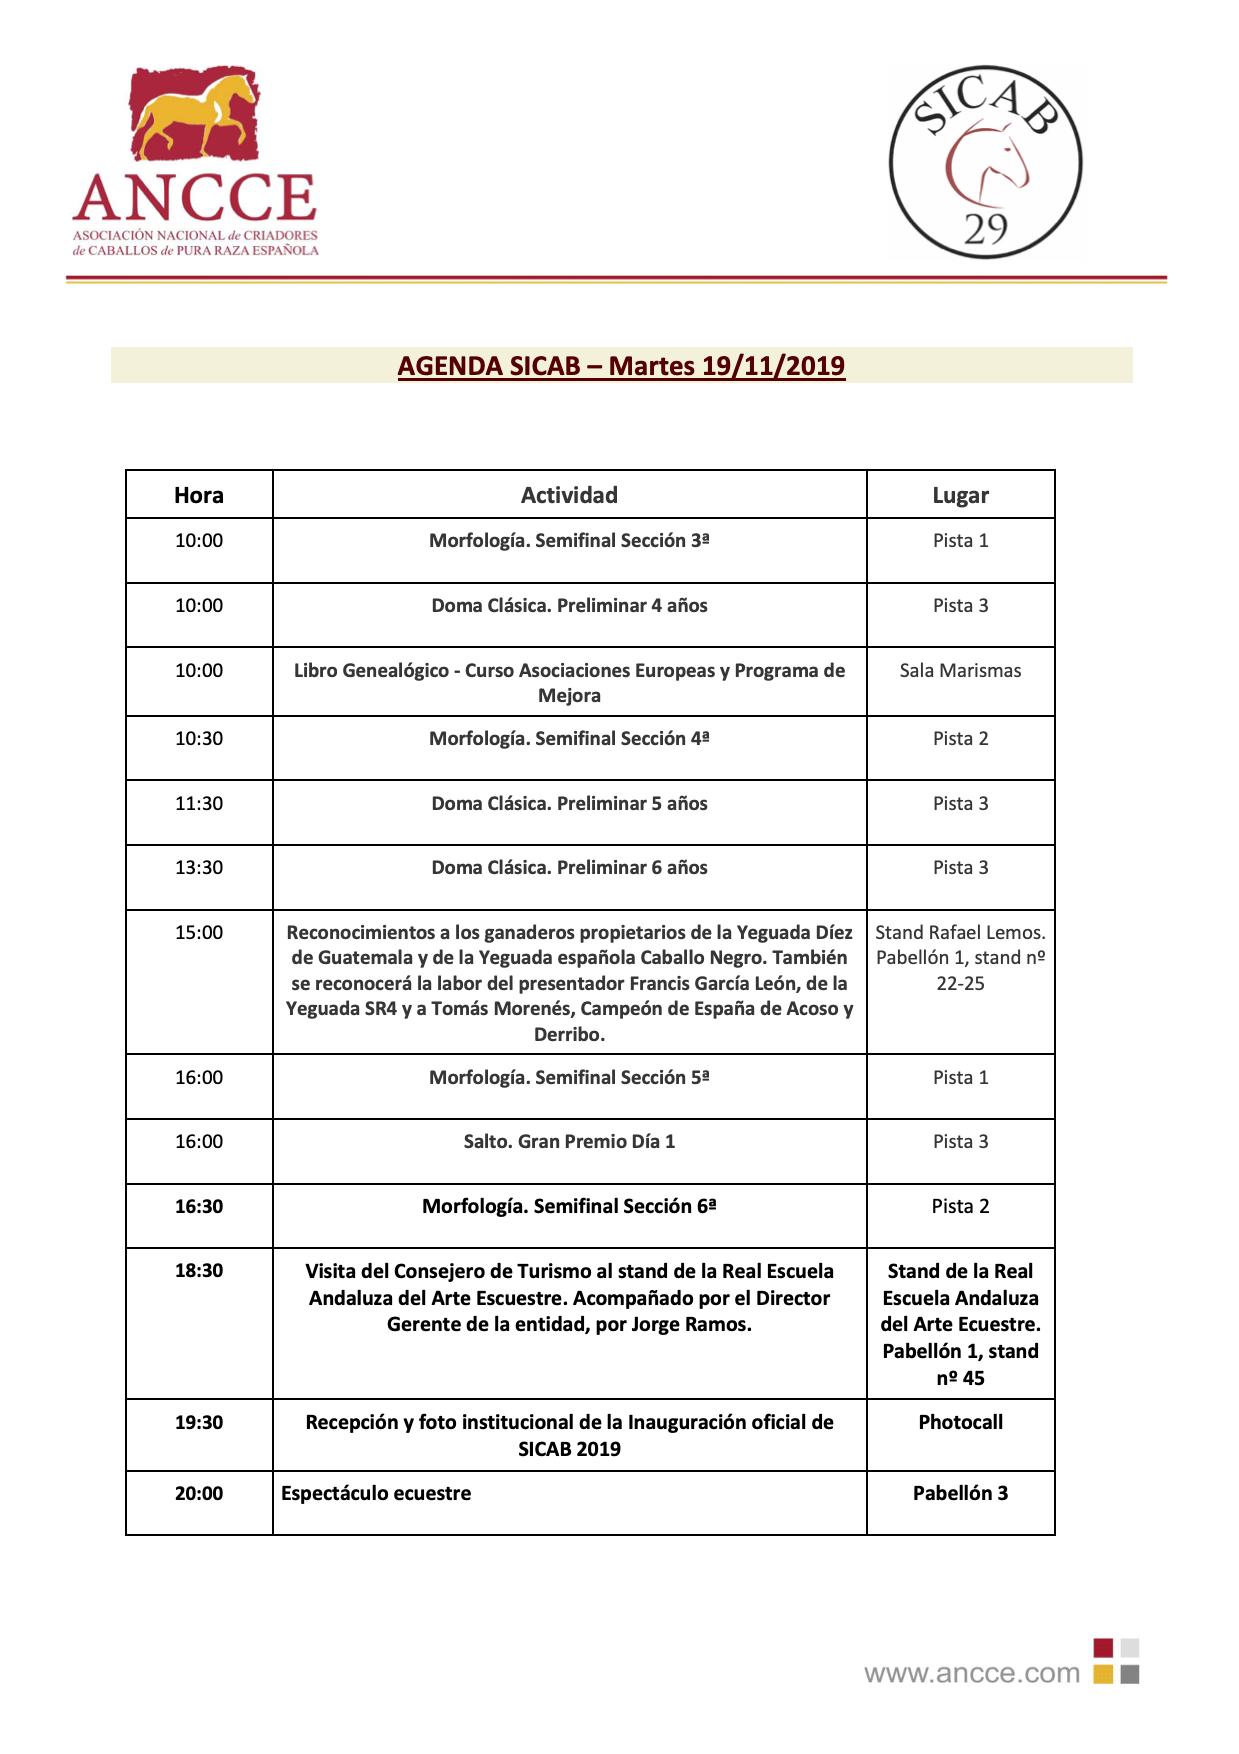 SICAB 2019 ARRANCA MAÑANA EN EL PALACIO DE CONGRESOS DE SEVILLA CON LOS MEJORES CABALLOS PURA RAZA ESPAÑOLA DE TODO EL MUNDO + AGENDA MARTES 19 DE NOVIEMBRE